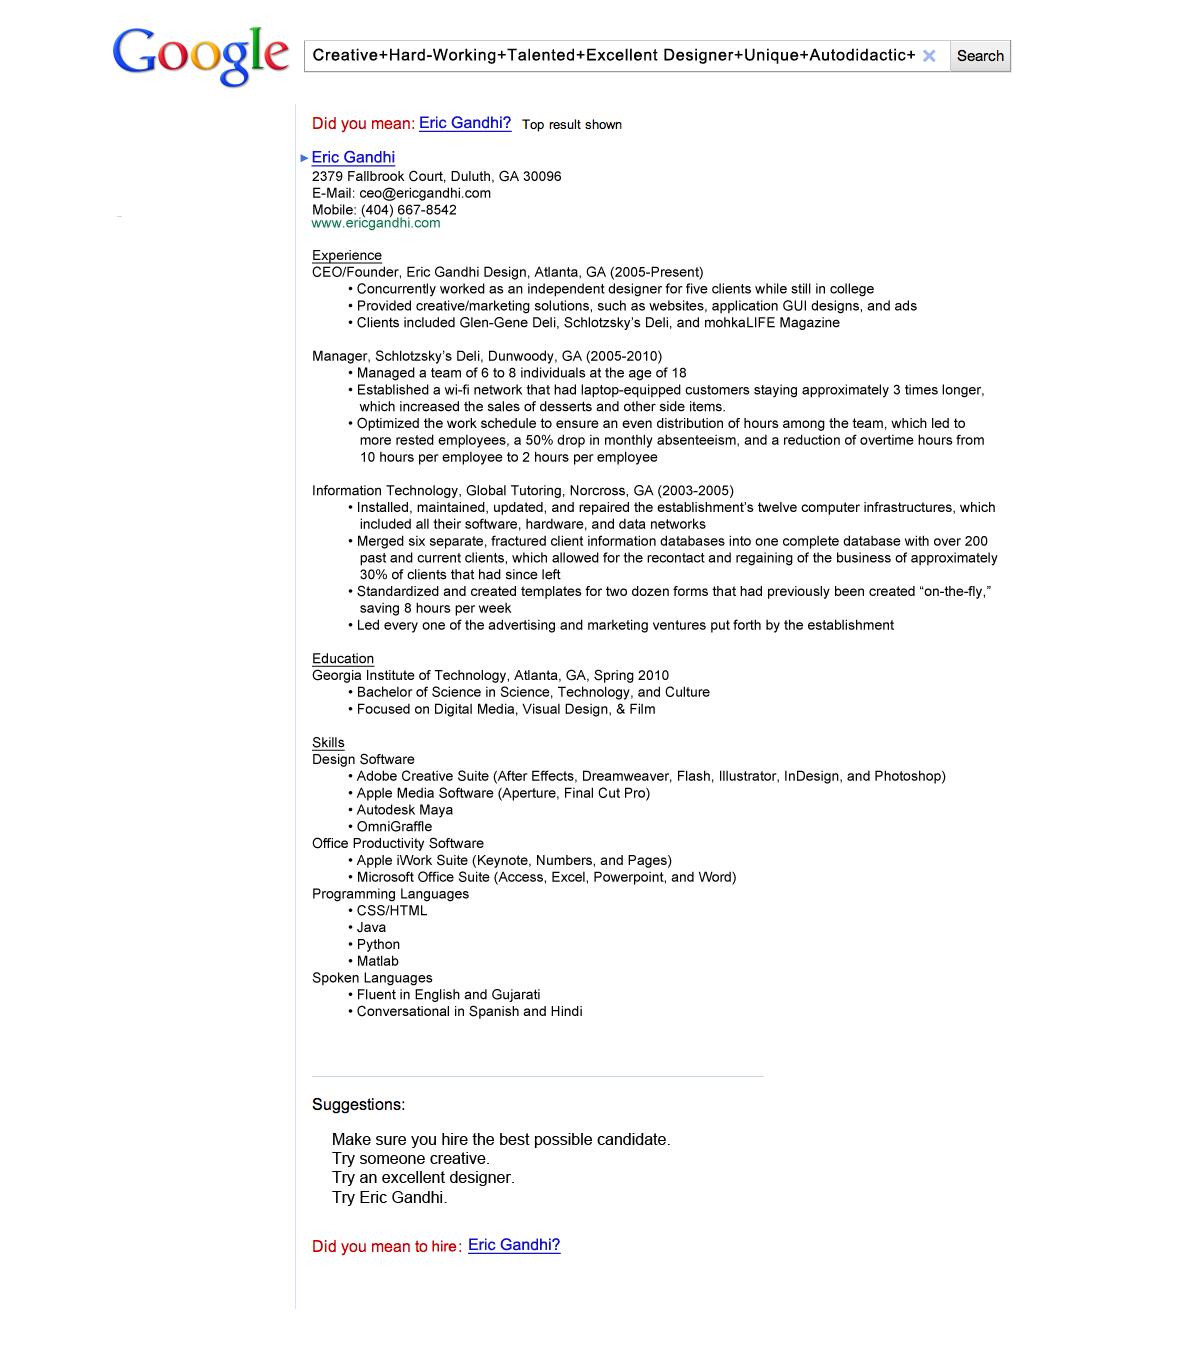 Cv Realizzato In Stile Google Curriculum Vitae Google Free